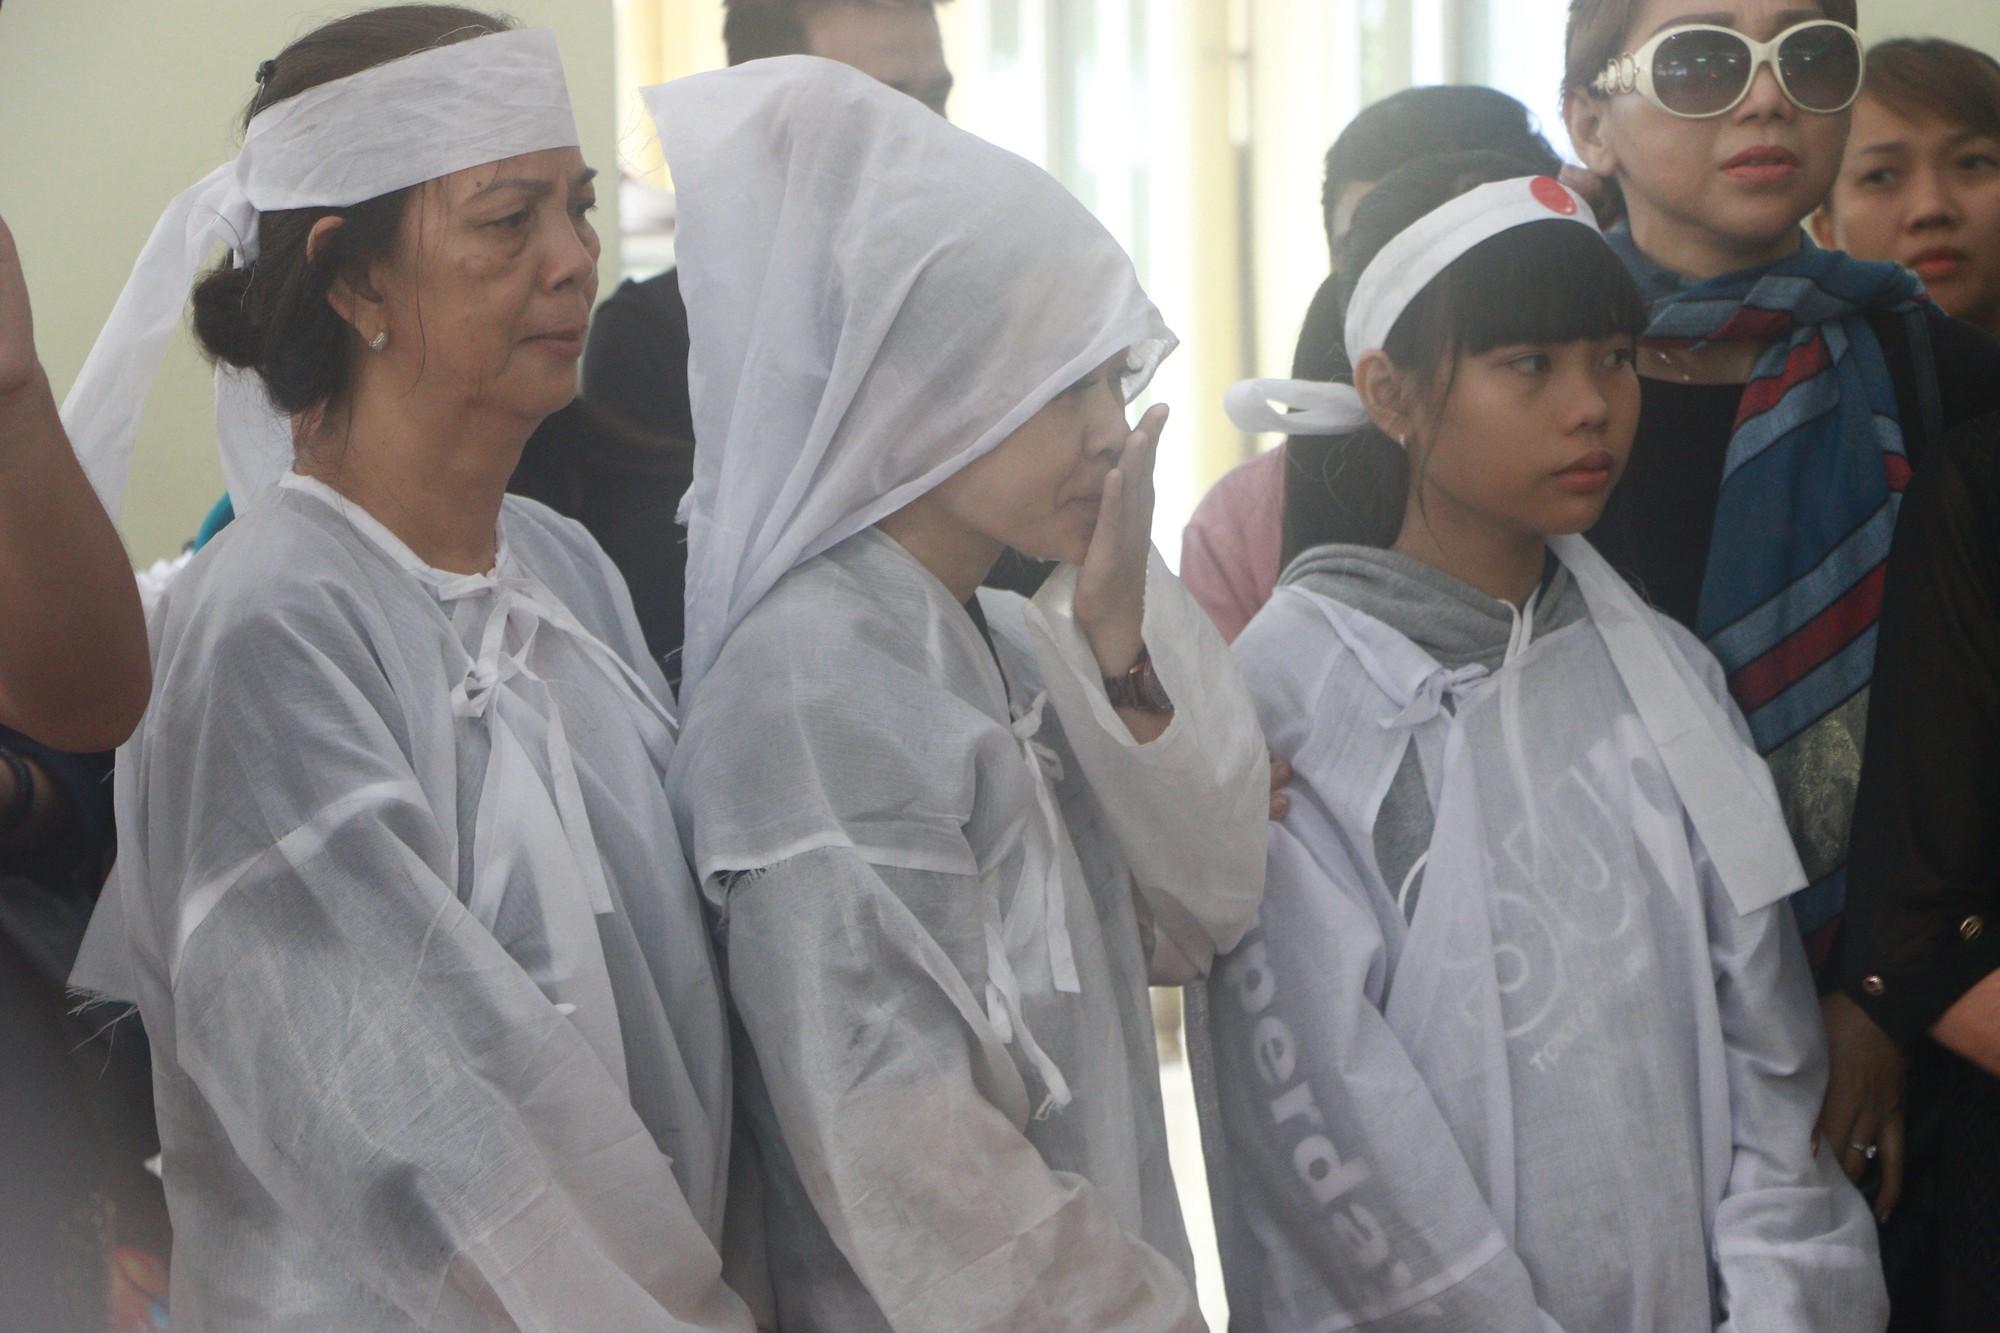 Con gái Lê Bình suy sụp, thất thần trong lễ động quan đưa thi hài cha về nơi an nghỉ - Ảnh 8.